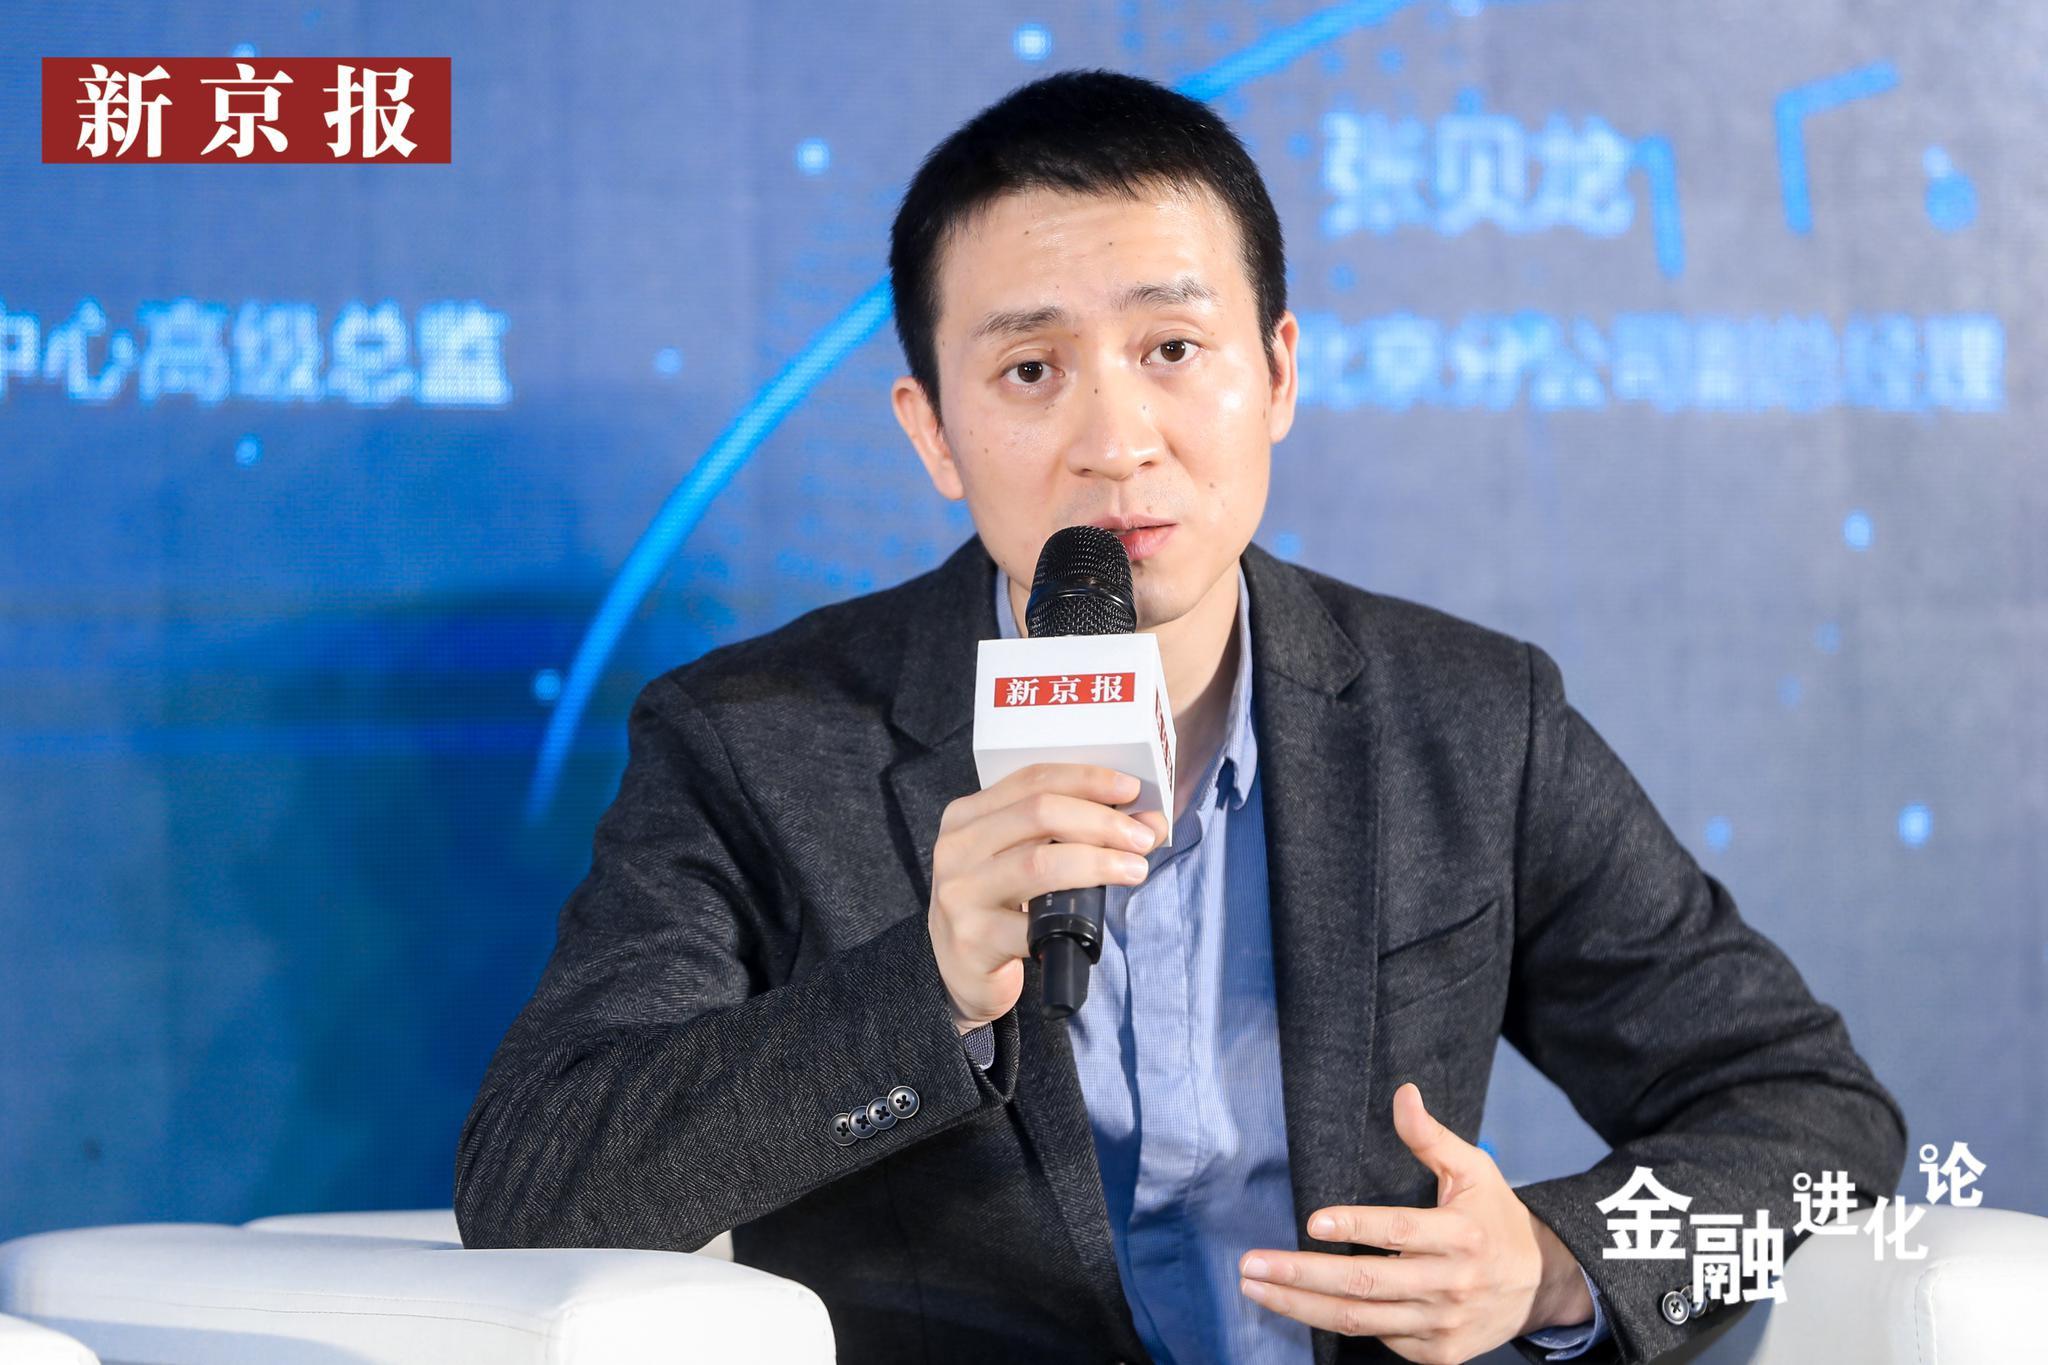 平安银行邓俊毅:区块链促供应链金融升级与金融产品创新